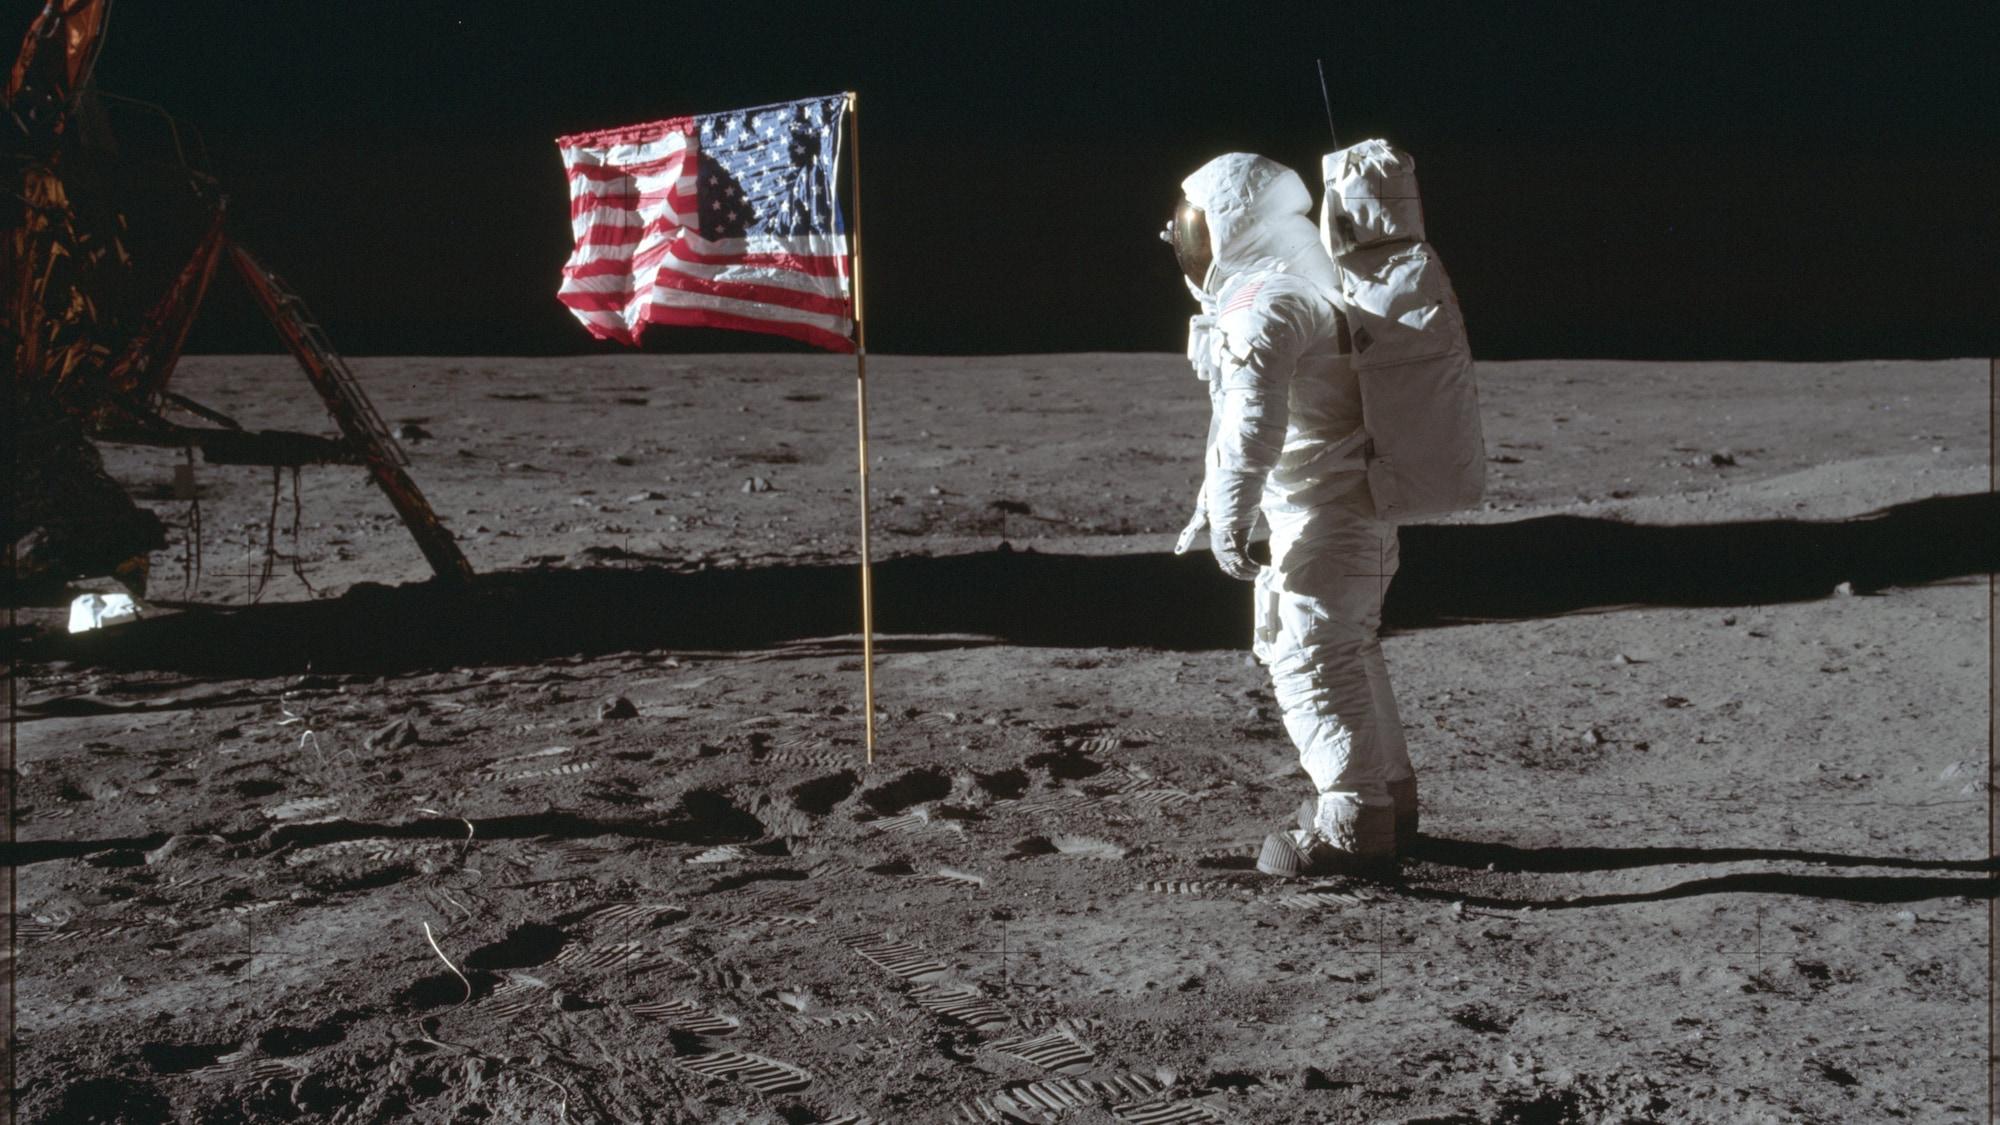 Forschung seit Mondlandung vor 50 Jahren: Mondwasser, Beben, Staub - was die Astronauten der «Apollo 11»-Mission nicht wussten